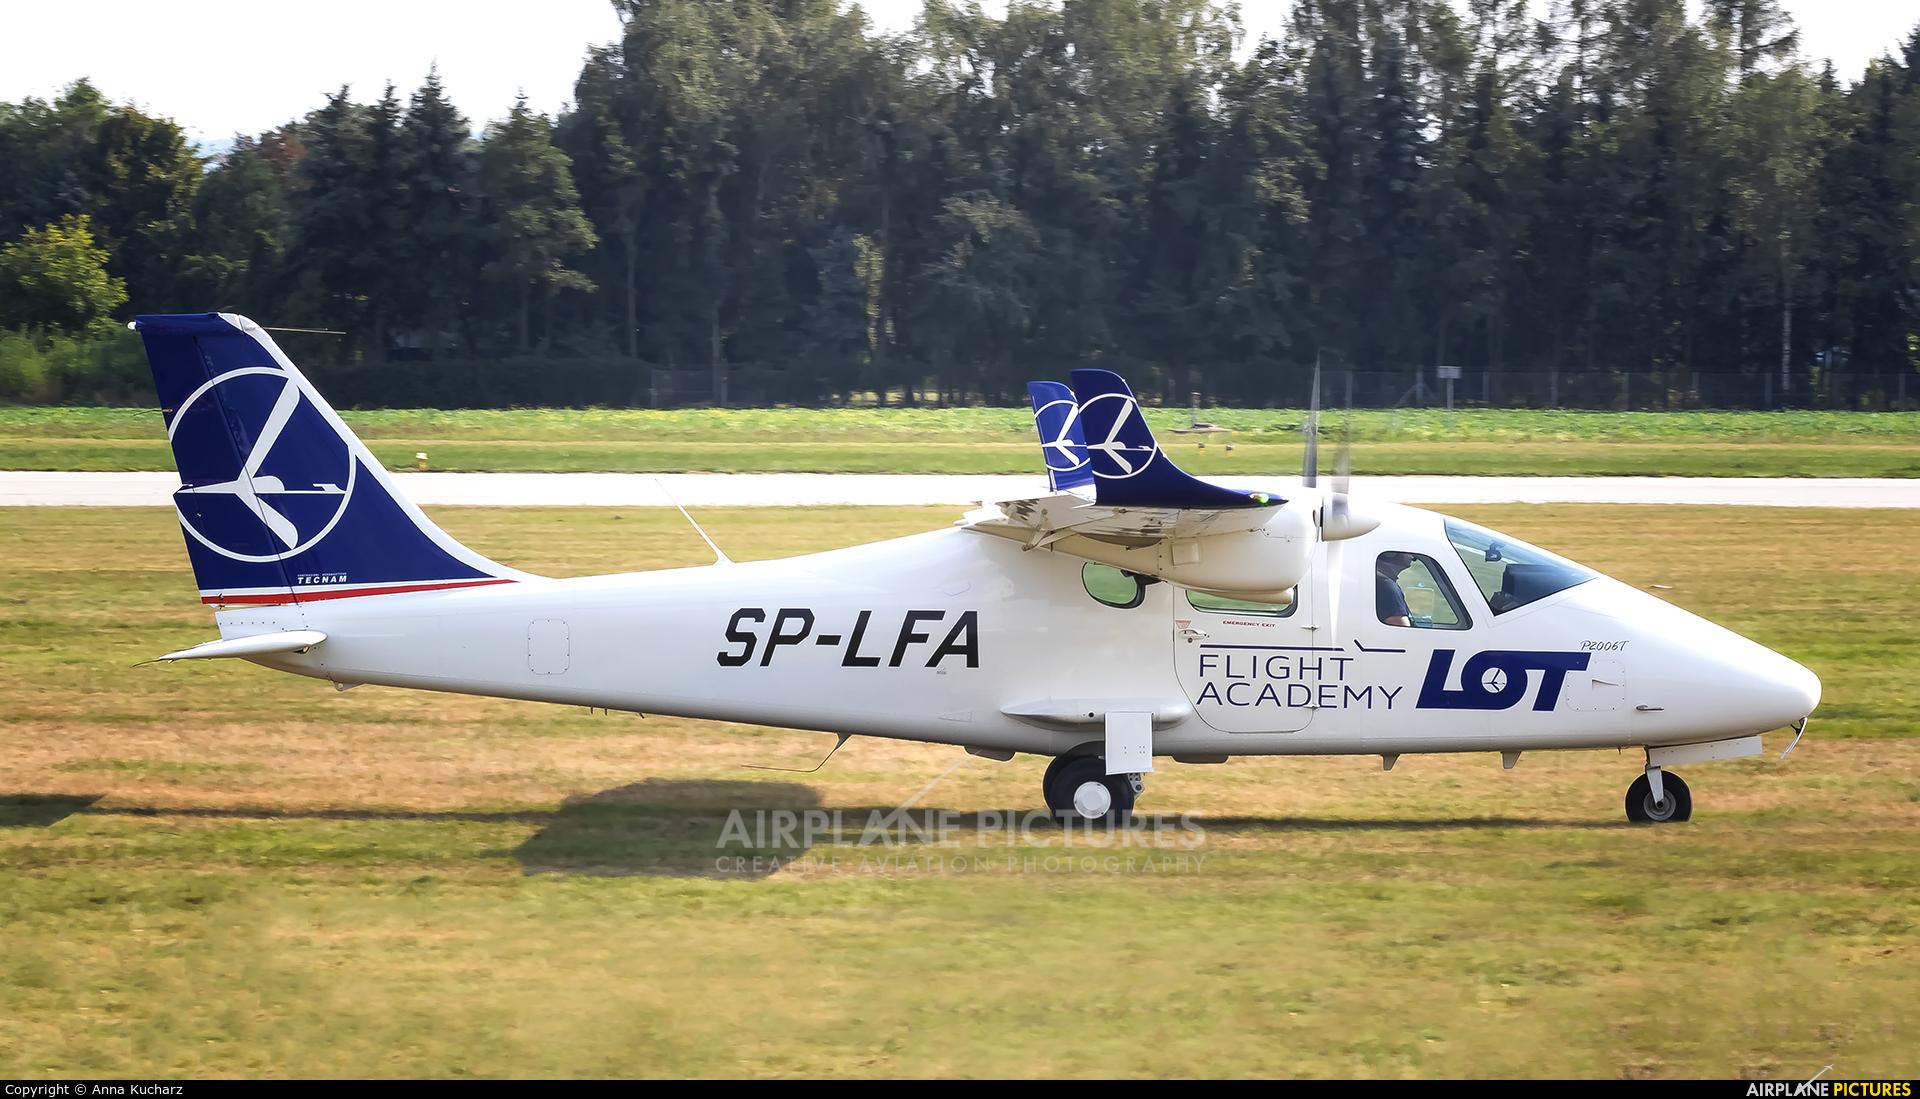 LOT Flight Academy SP-LFA aircraft at Rzeszów-Jasionka